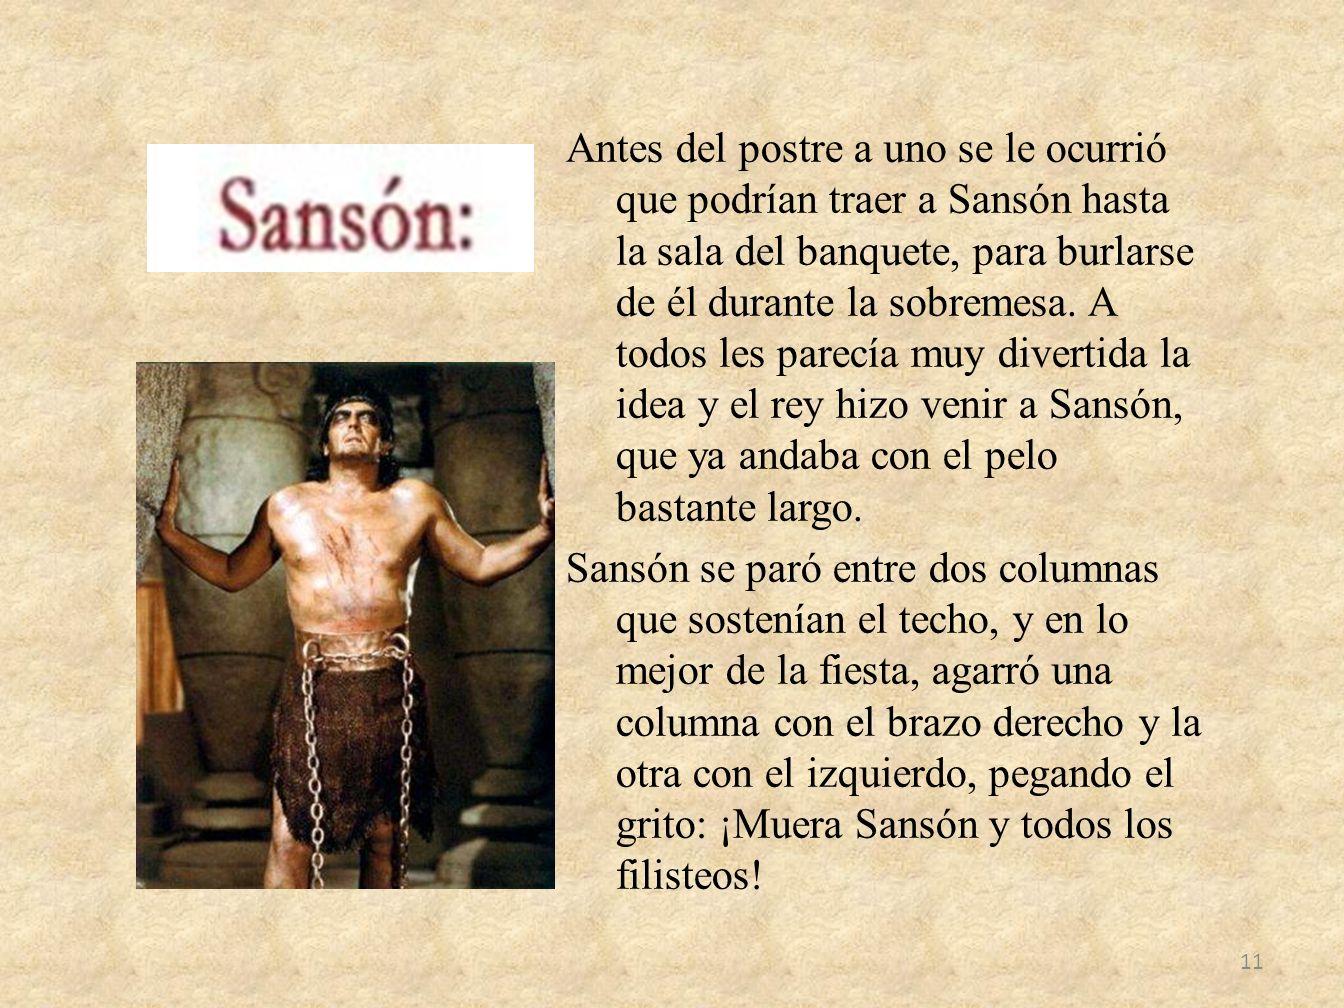 Antes del postre a uno se le ocurrió que podrían traer a Sansón hasta la sala del banquete, para burlarse de él durante la sobremesa.